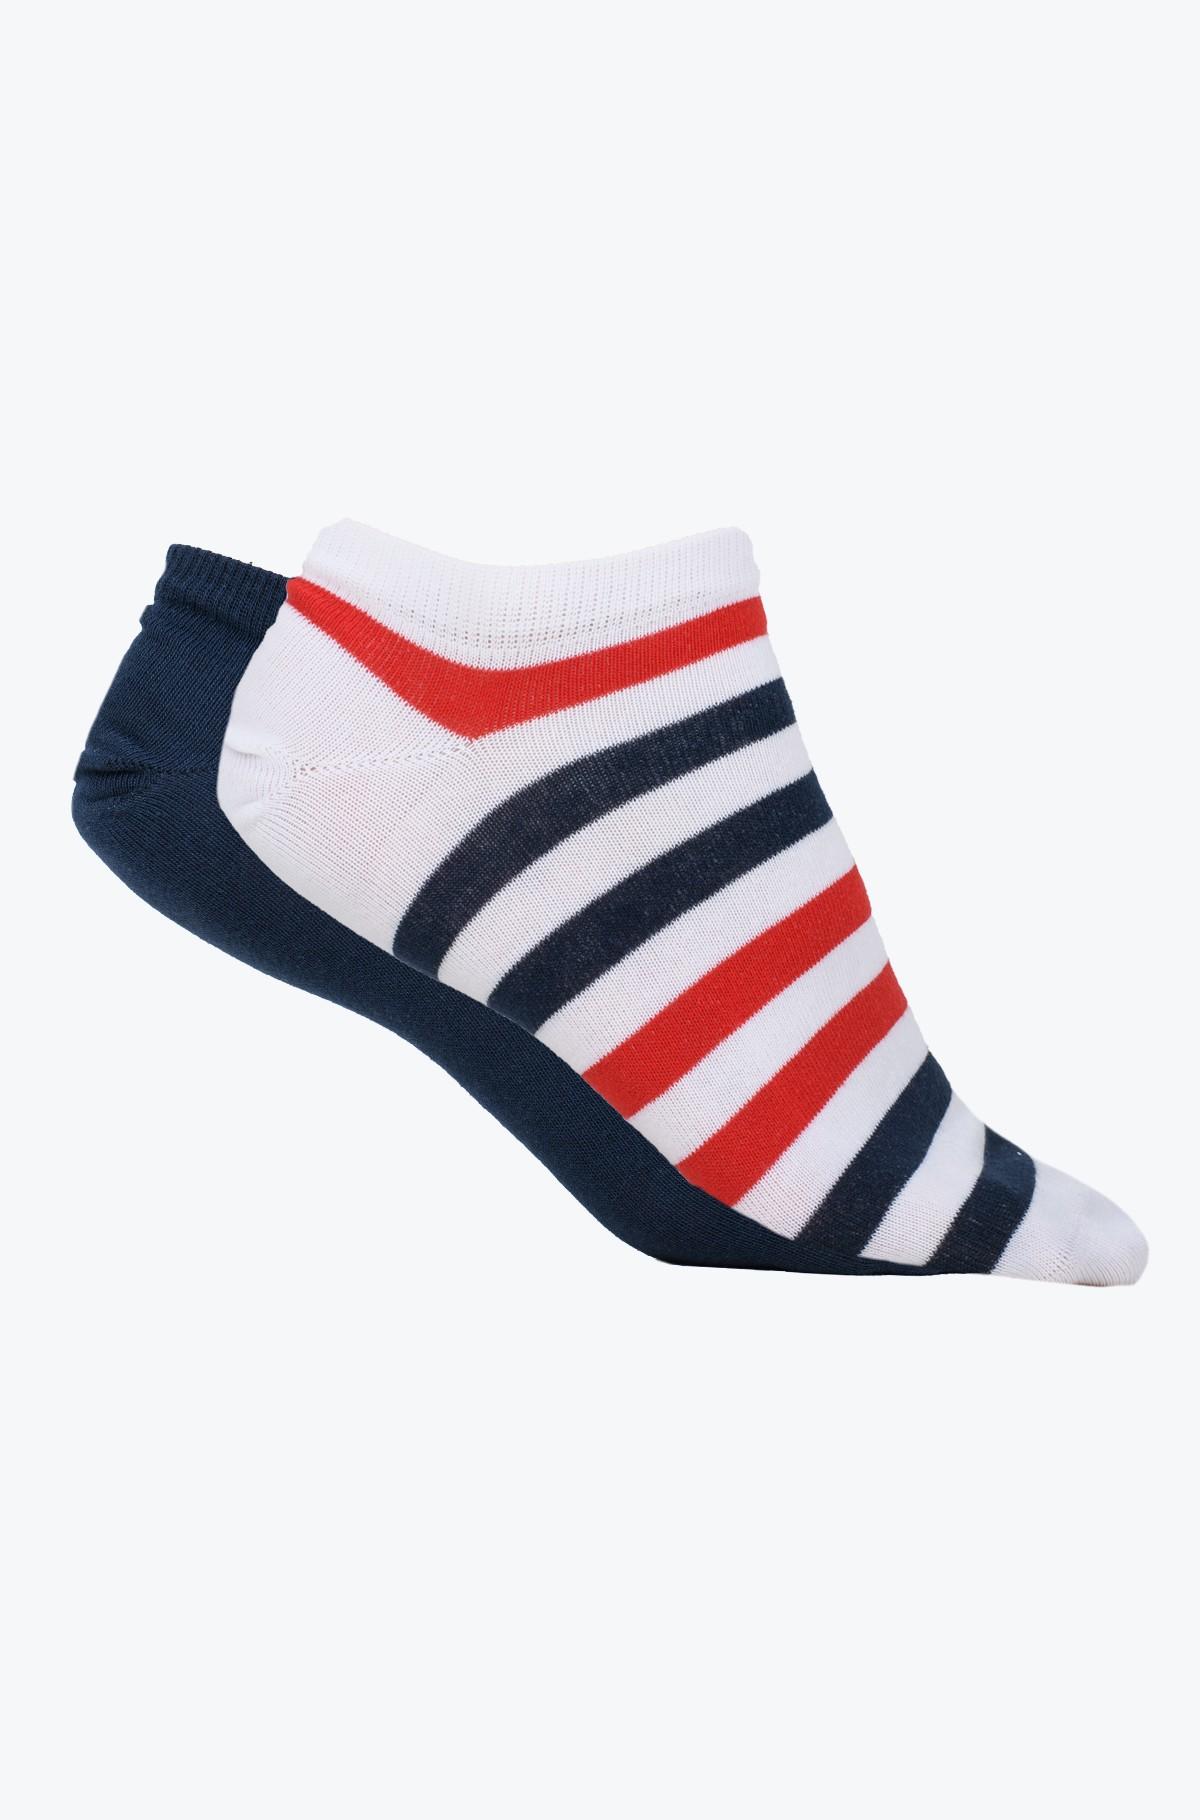 Socks 382000001-full-1